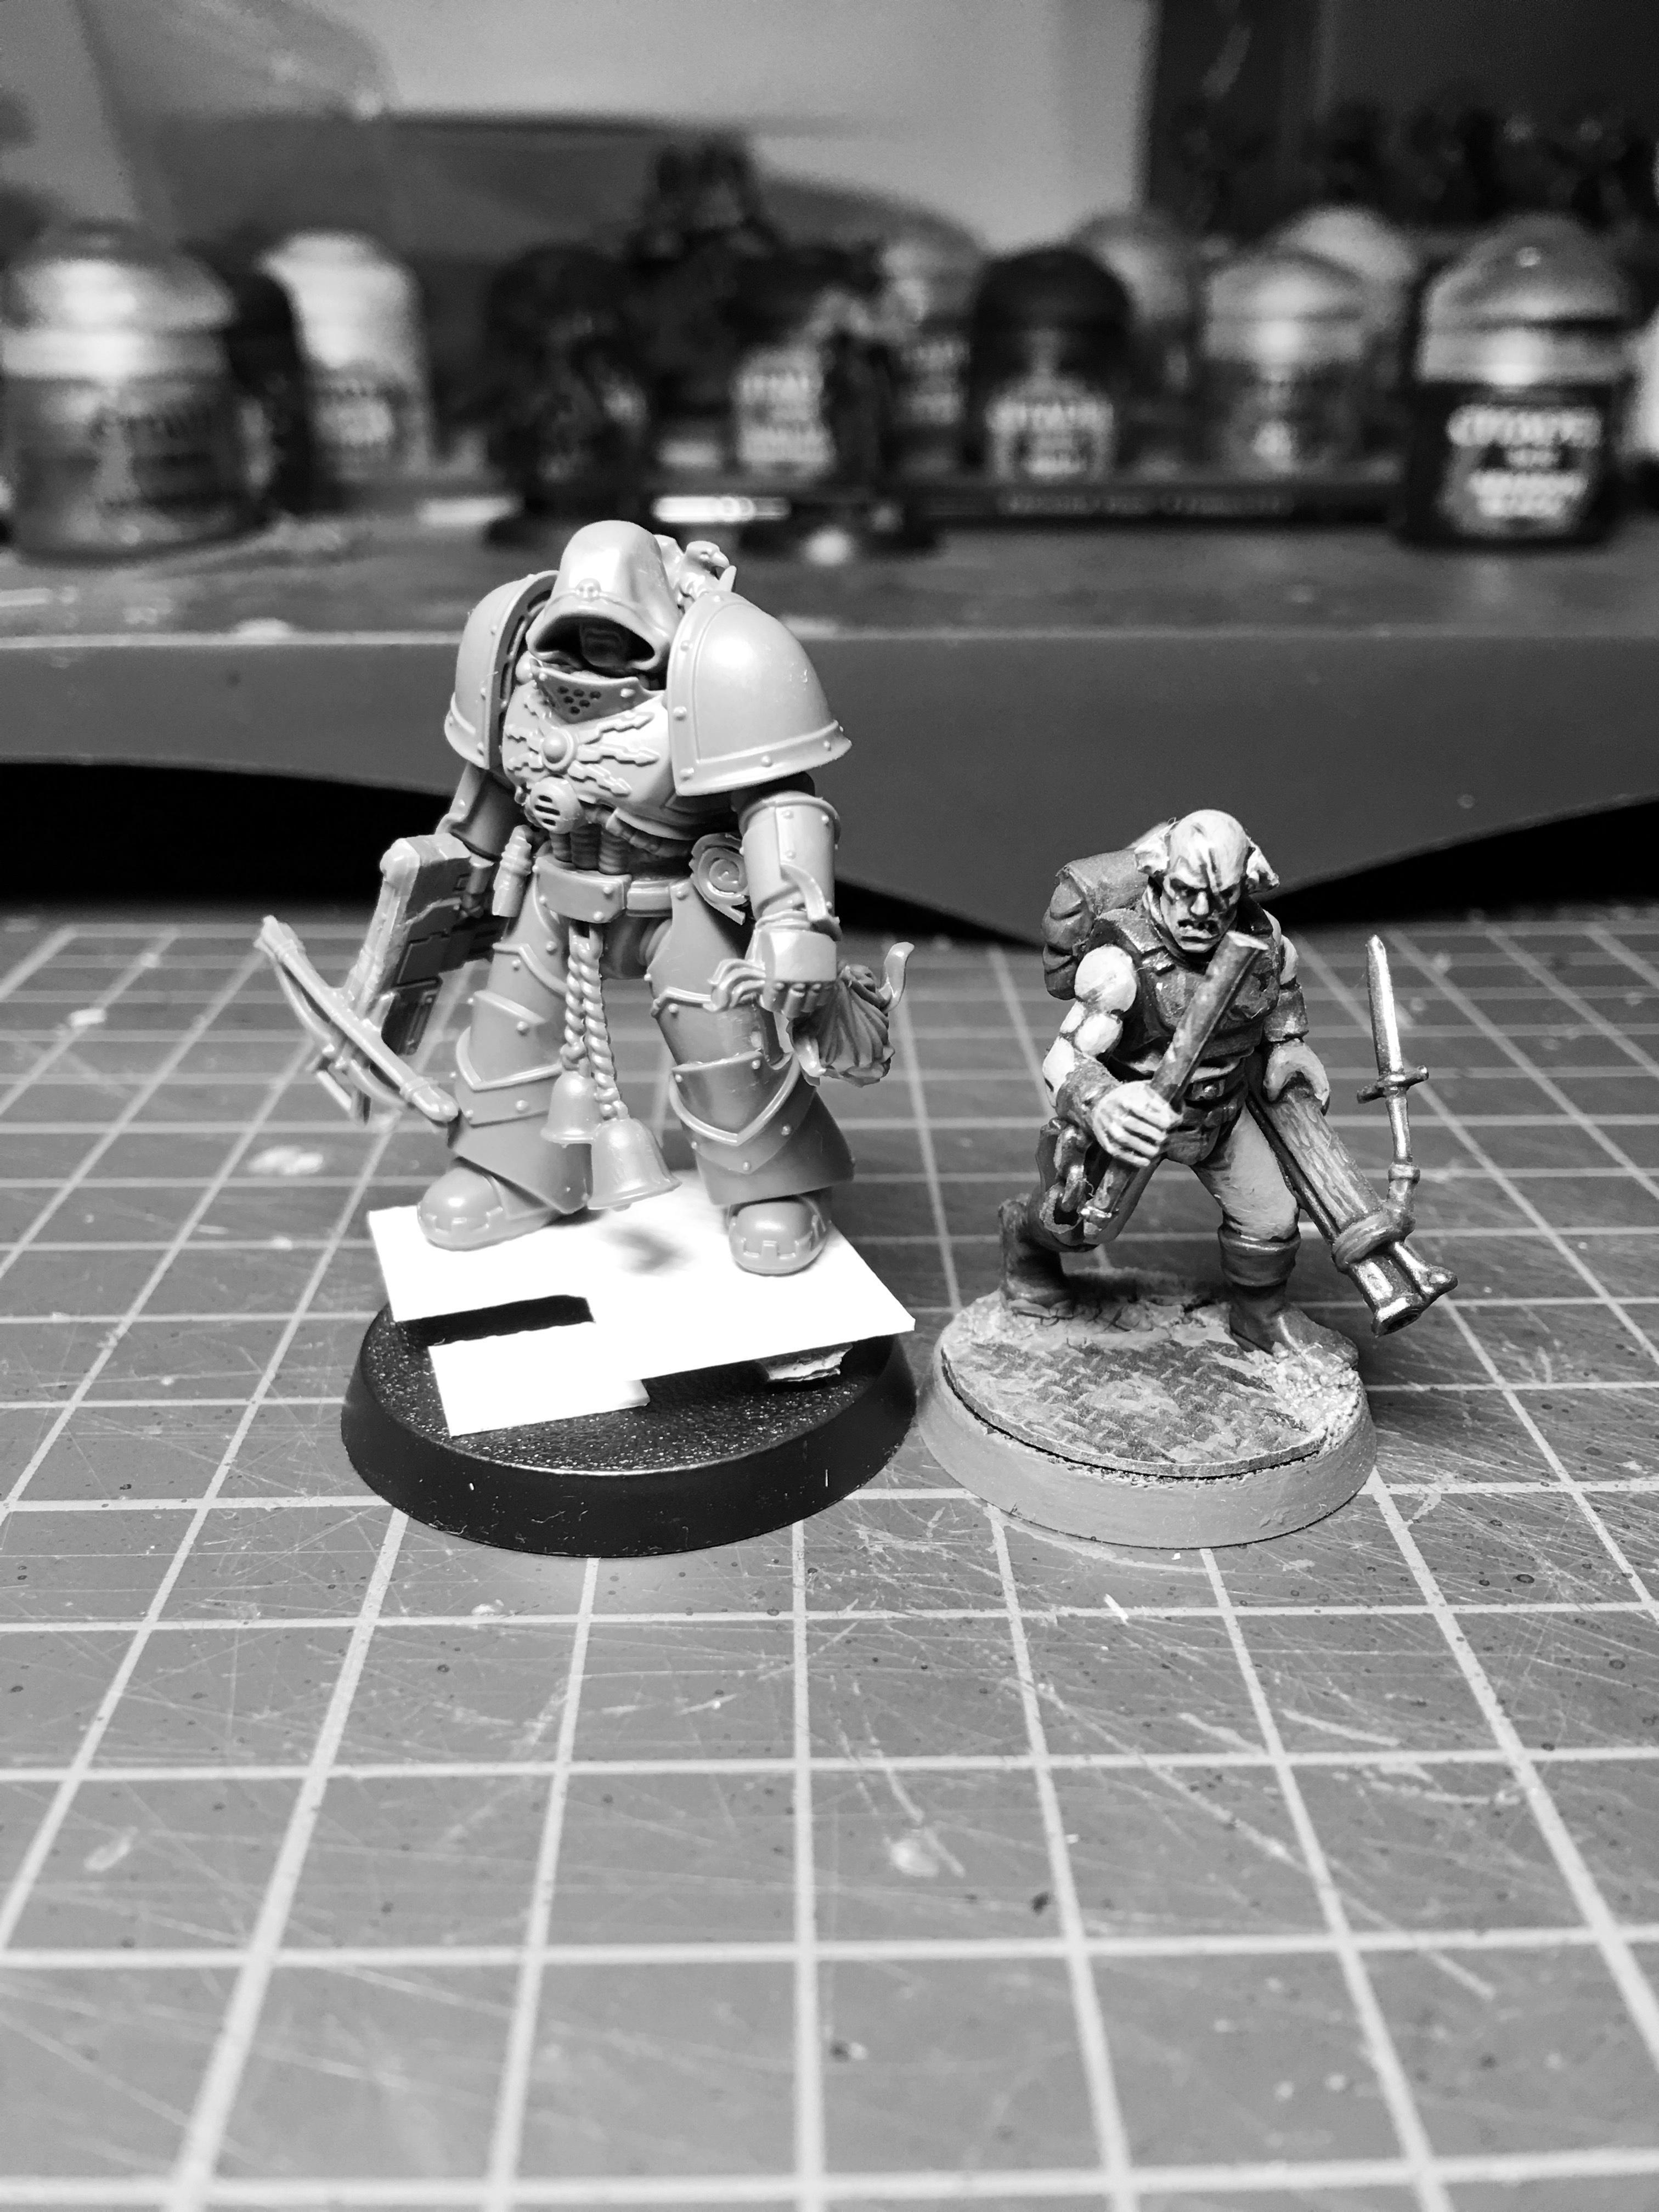 Art Scale Space Marine, Inq28, Inquisitor, Ordo Malleus Inquisitor, True Scale Inquisitor, Warhammer 40,000